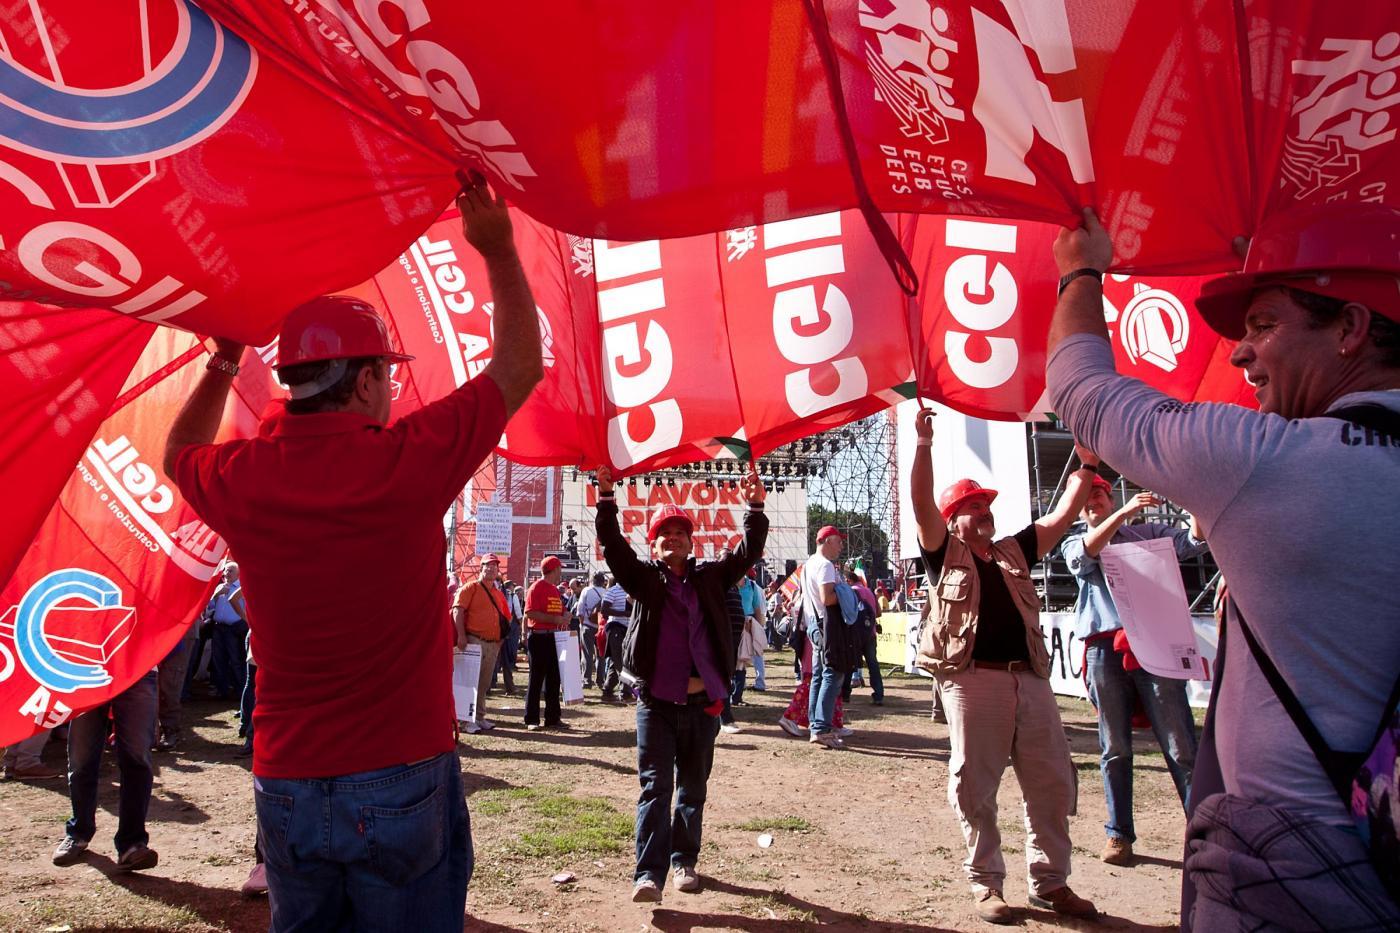 Lavoro, Articolo 18 e Jobs Act: i punti della Cgil per il dialogo con Renzi